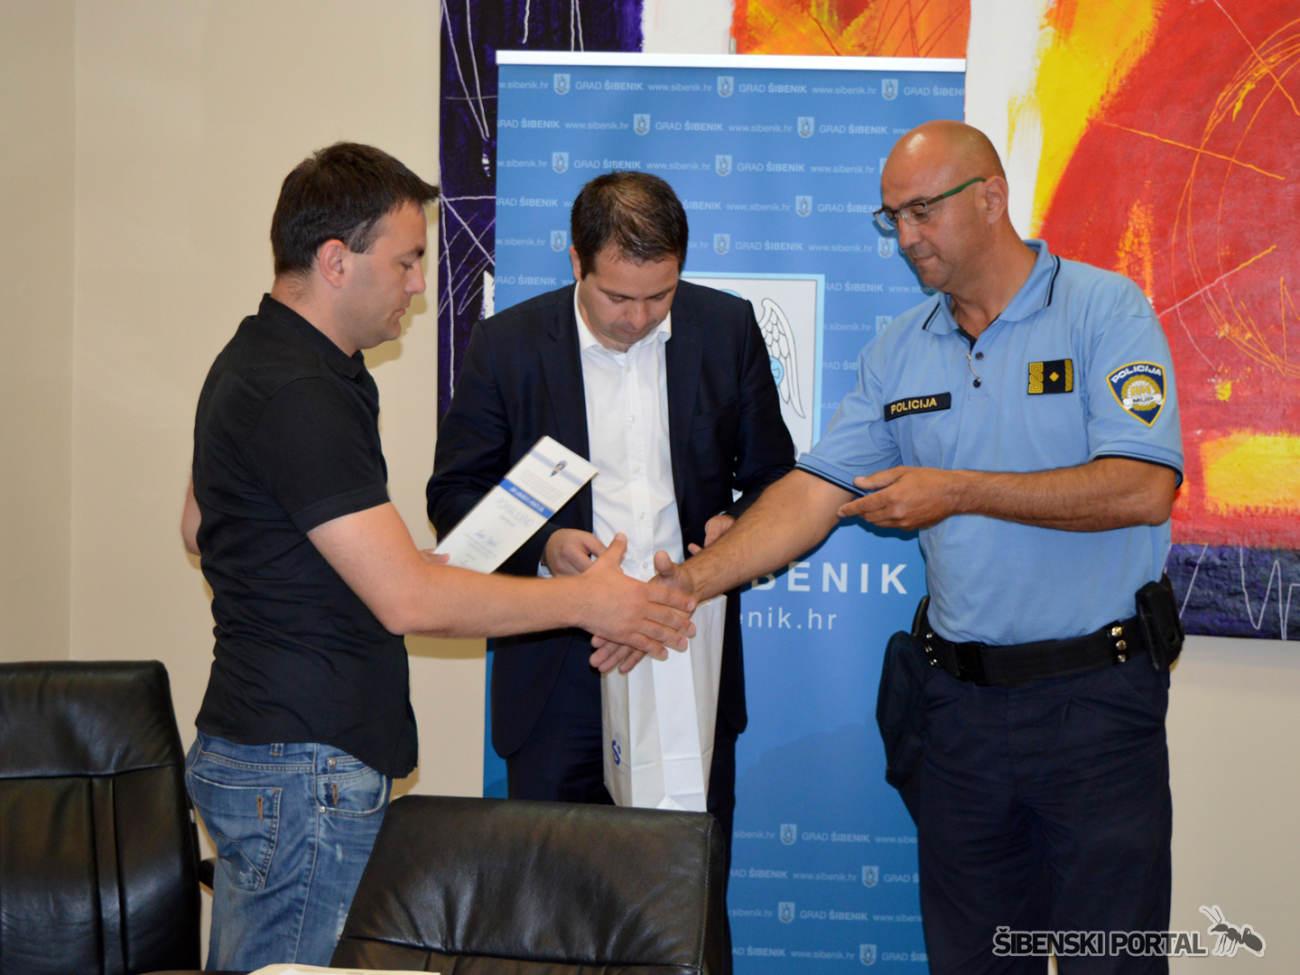 policija dan ljubaznosti nagradeni 020616 8